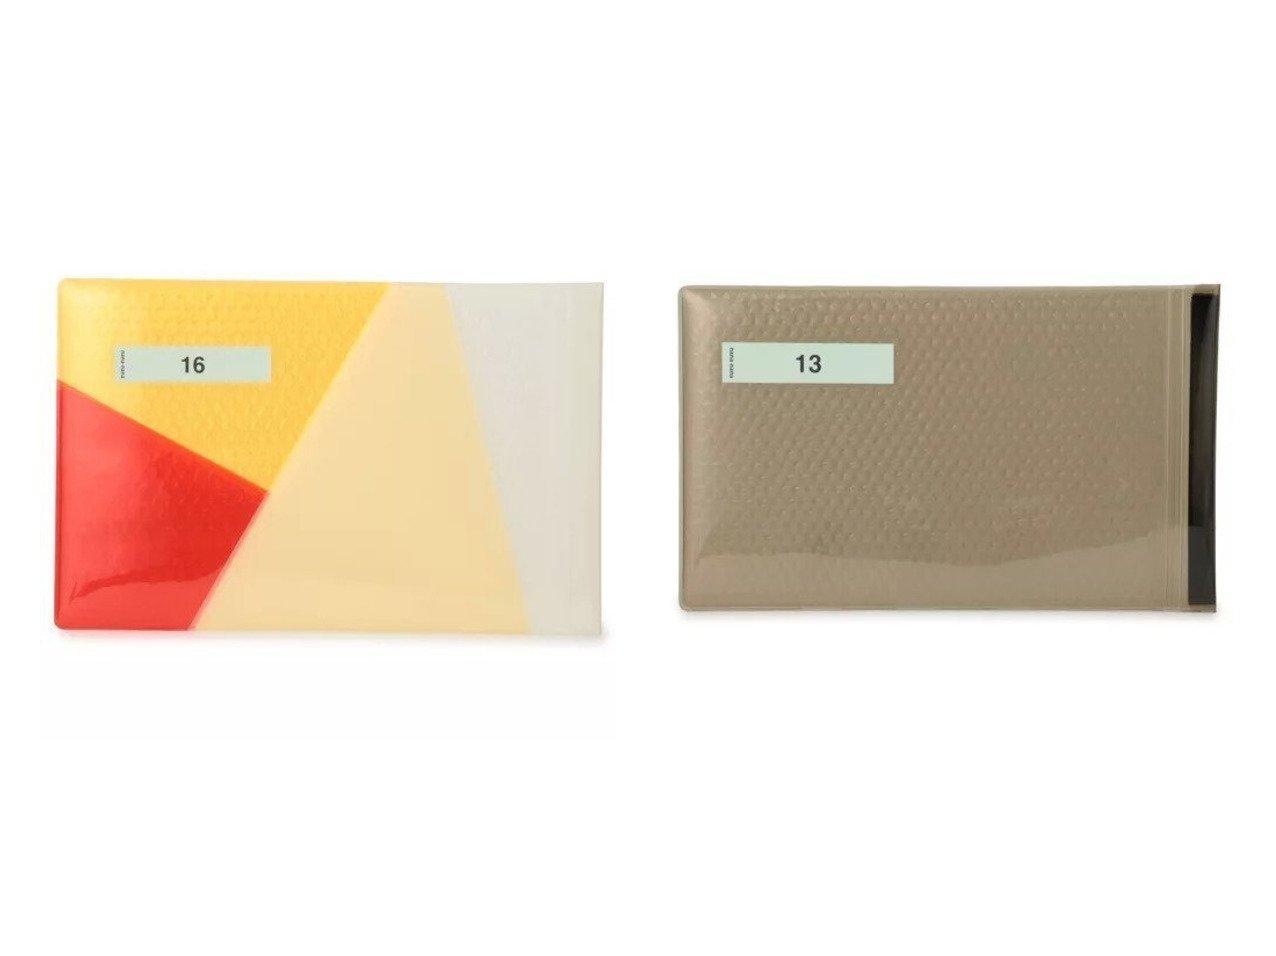 【NaNa-NaNa/ナナナナ】のPATCHWORK PVC 16inch&BUBBLE WRAP PVC 13inch バッグ・鞄のおすすめ!人気、トレンド・レディースファッションの通販 おすすめで人気の流行・トレンド、ファッションの通販商品 メンズファッション・キッズファッション・インテリア・家具・レディースファッション・服の通販 founy(ファニー) https://founy.com/ ファッション Fashion レディースファッション WOMEN バッグ Bag 2021年 2021 2021 春夏 S/S SS Spring/Summer 2021 S/S 春夏 SS Spring/Summer カラフル クラッチ パッチワーク クッション スマート フォルム ラップ  ID:crp329100000016351